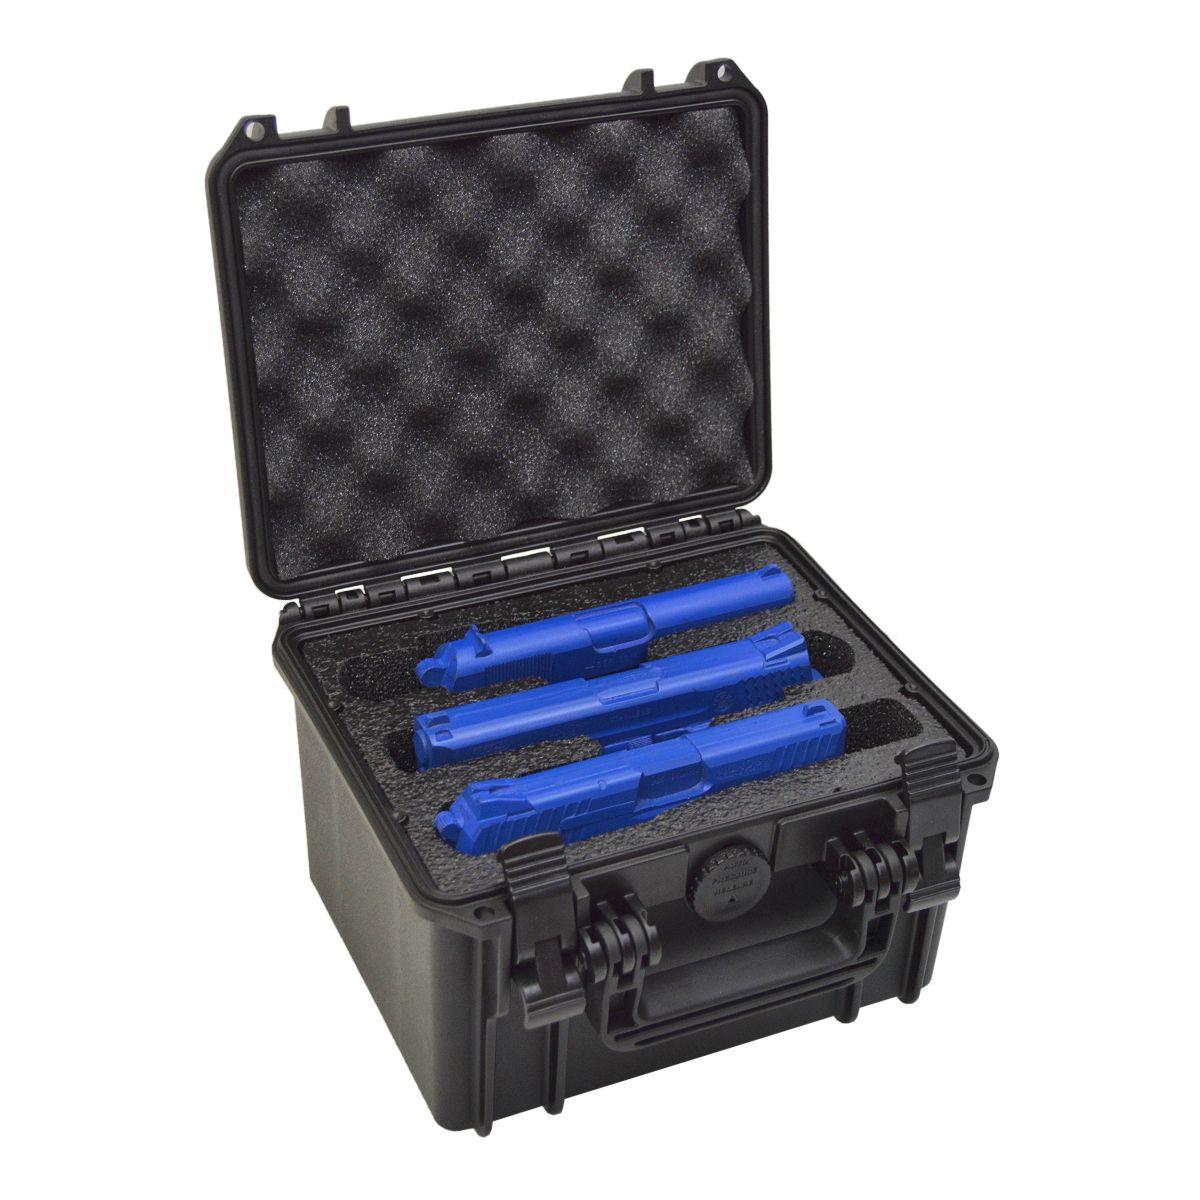 Arms Guard 3 Pistol Heavy Duty D0907-6 Case